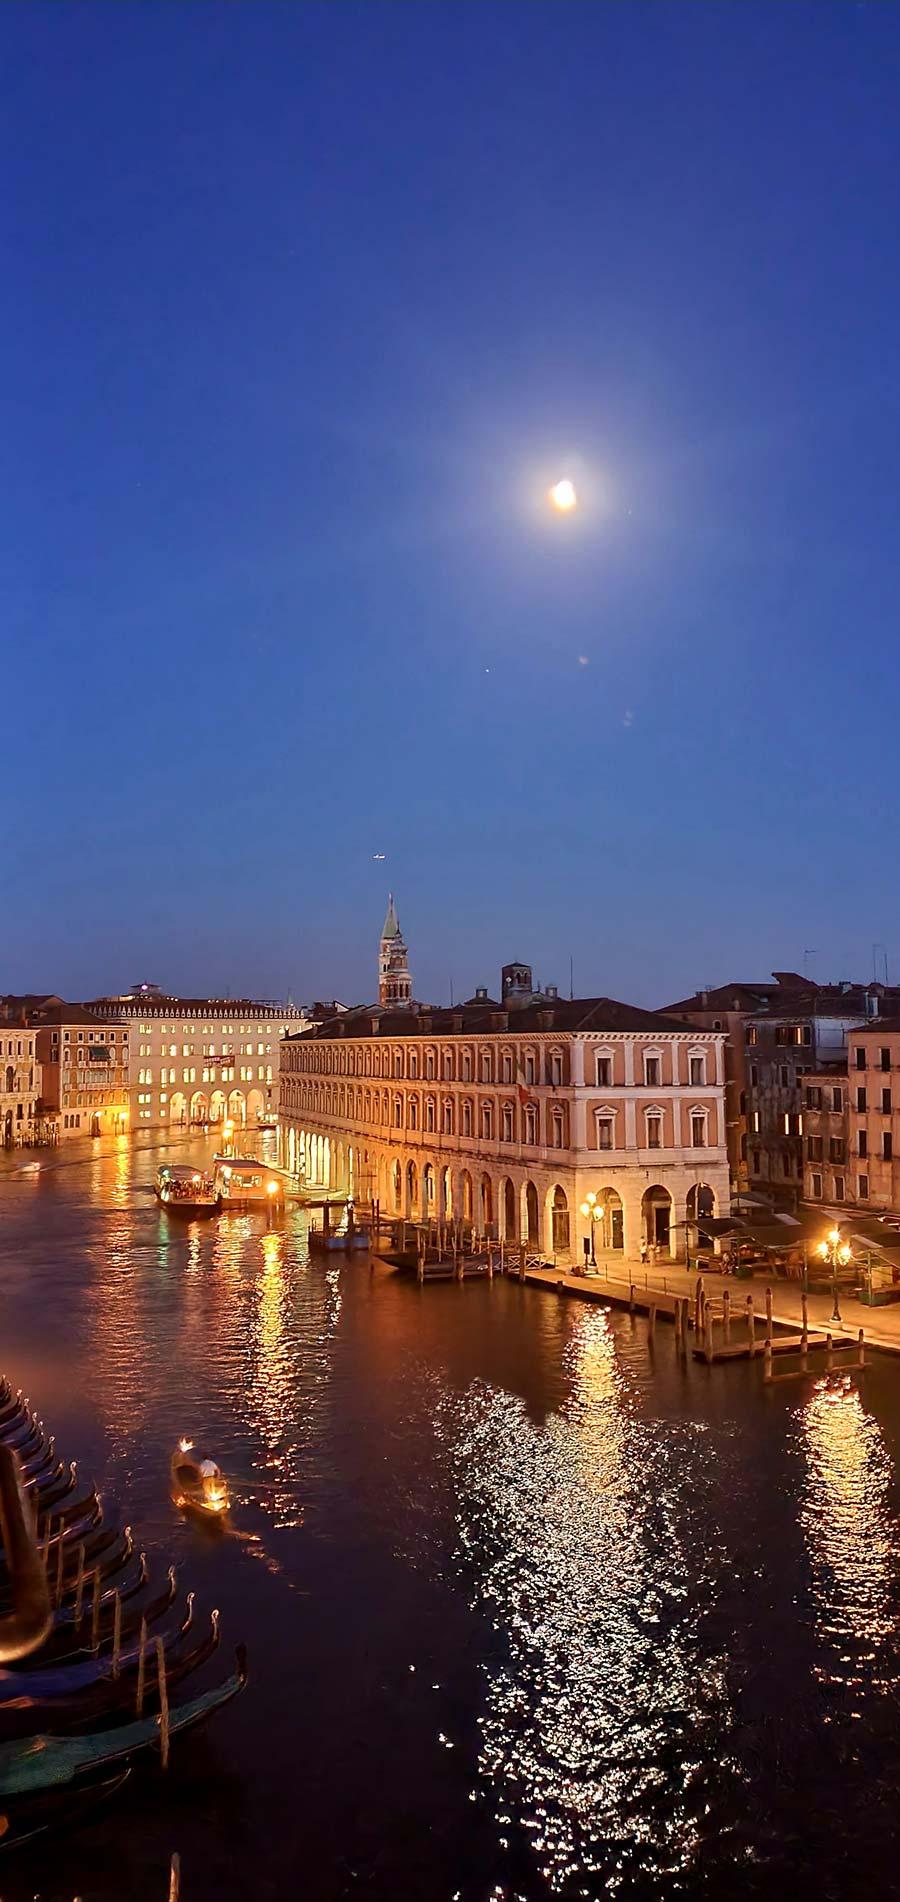 Venetian Palace - Ca' Sagredo Hotel Grand Canal Venice Italy (7)